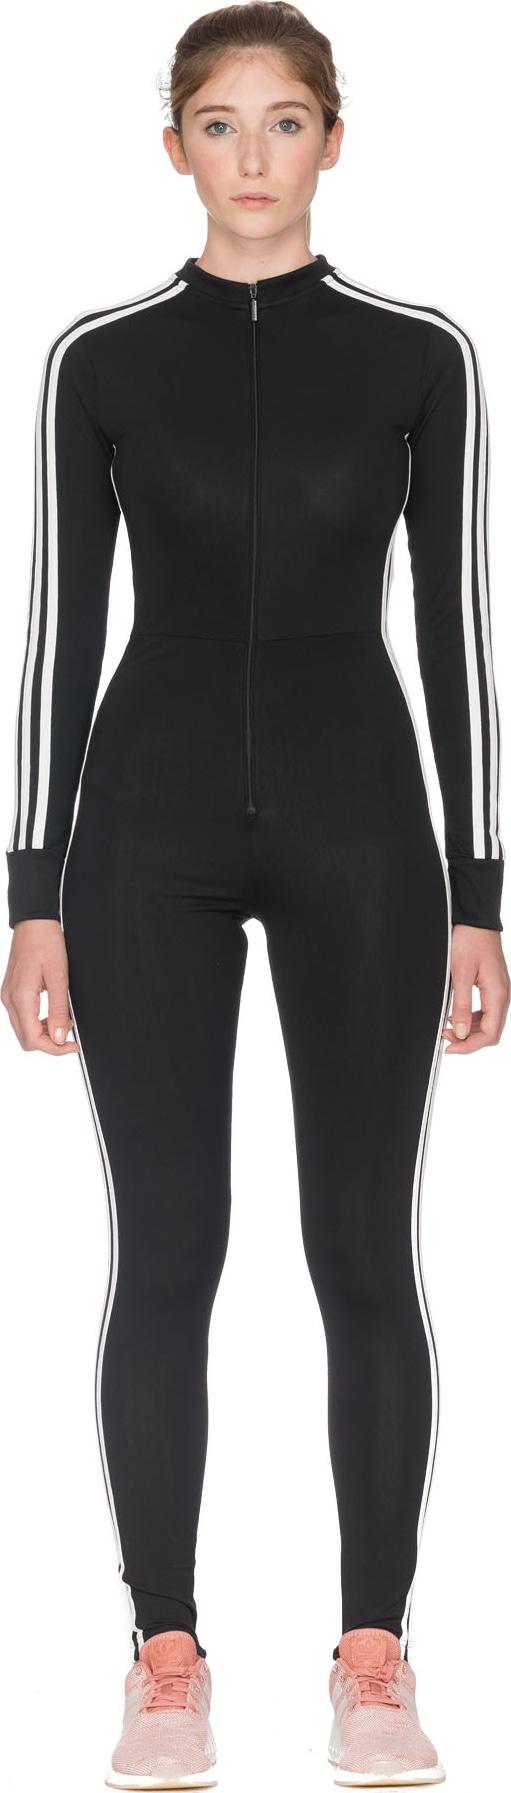 adidas Originals: Stage Suit - Black